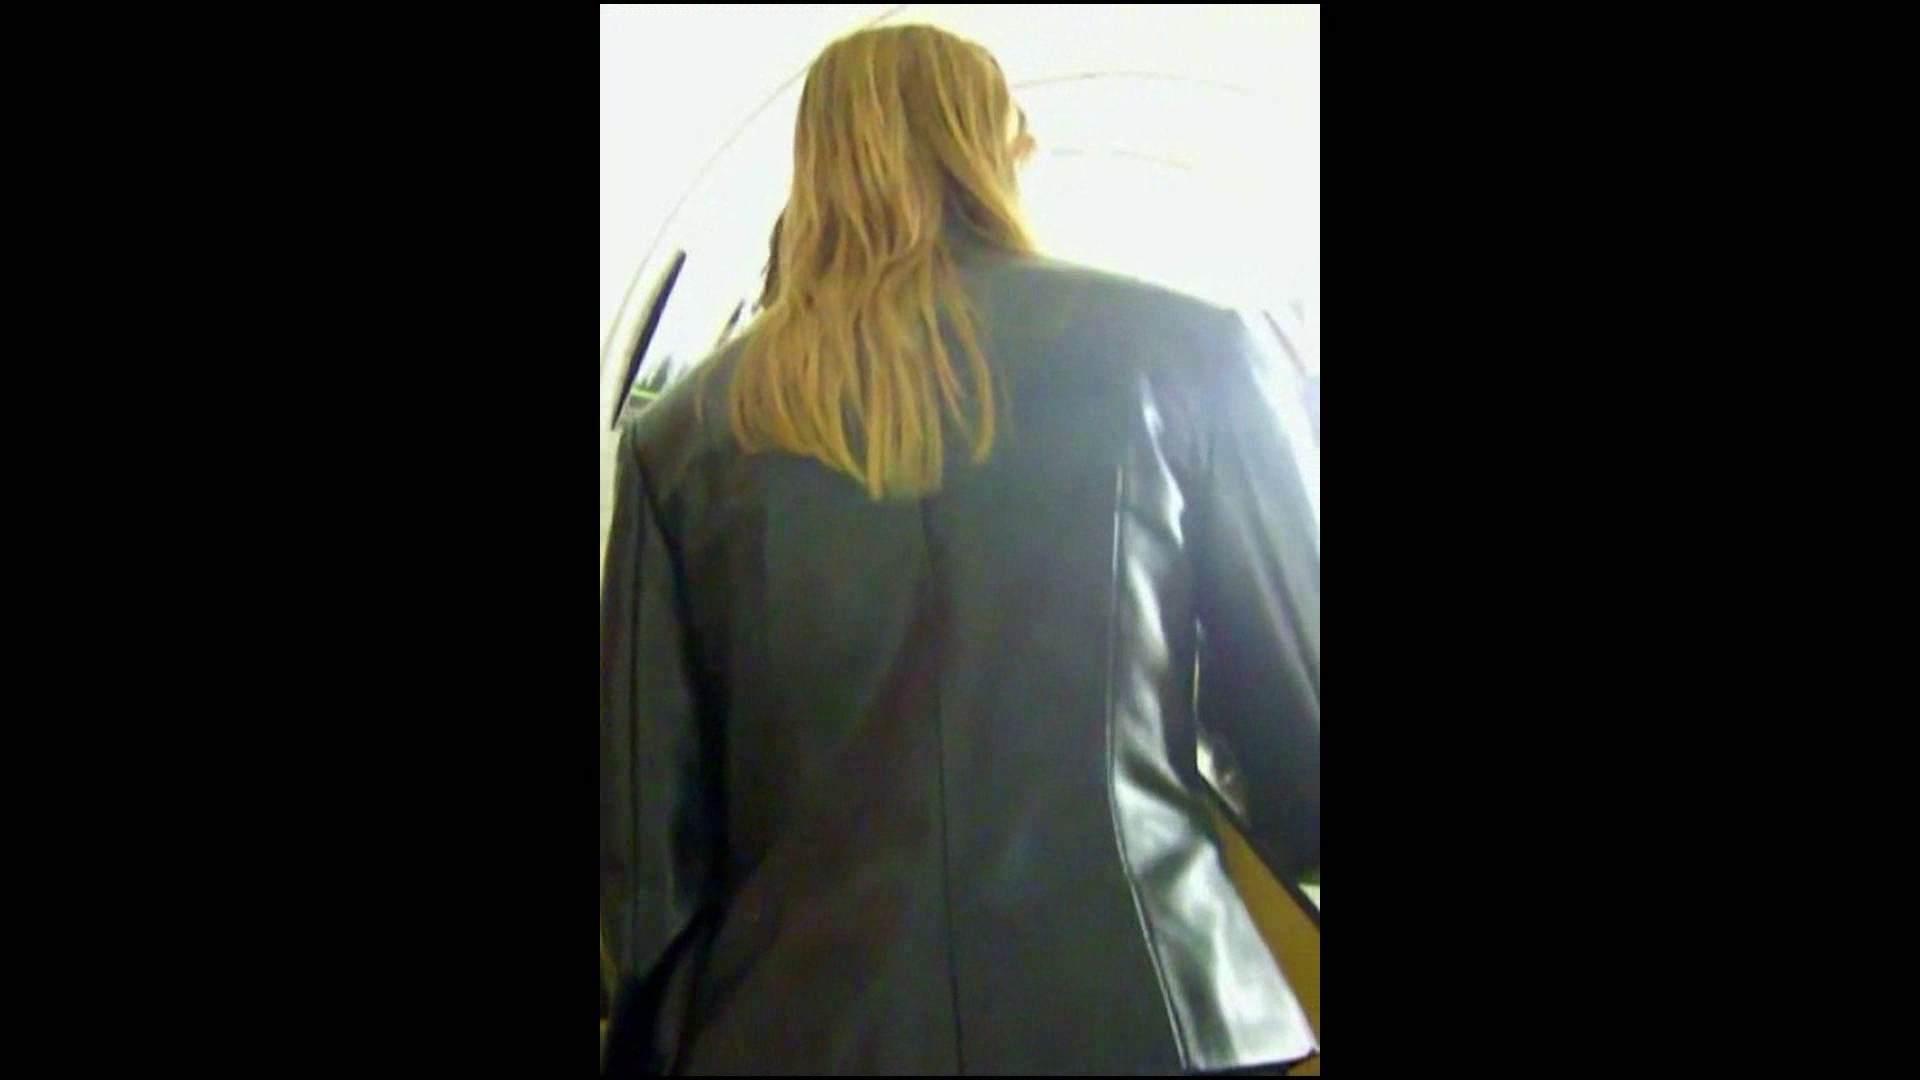 綺麗なモデルさんのスカート捲っちゃおう‼vol05 OLセックス  59画像 34